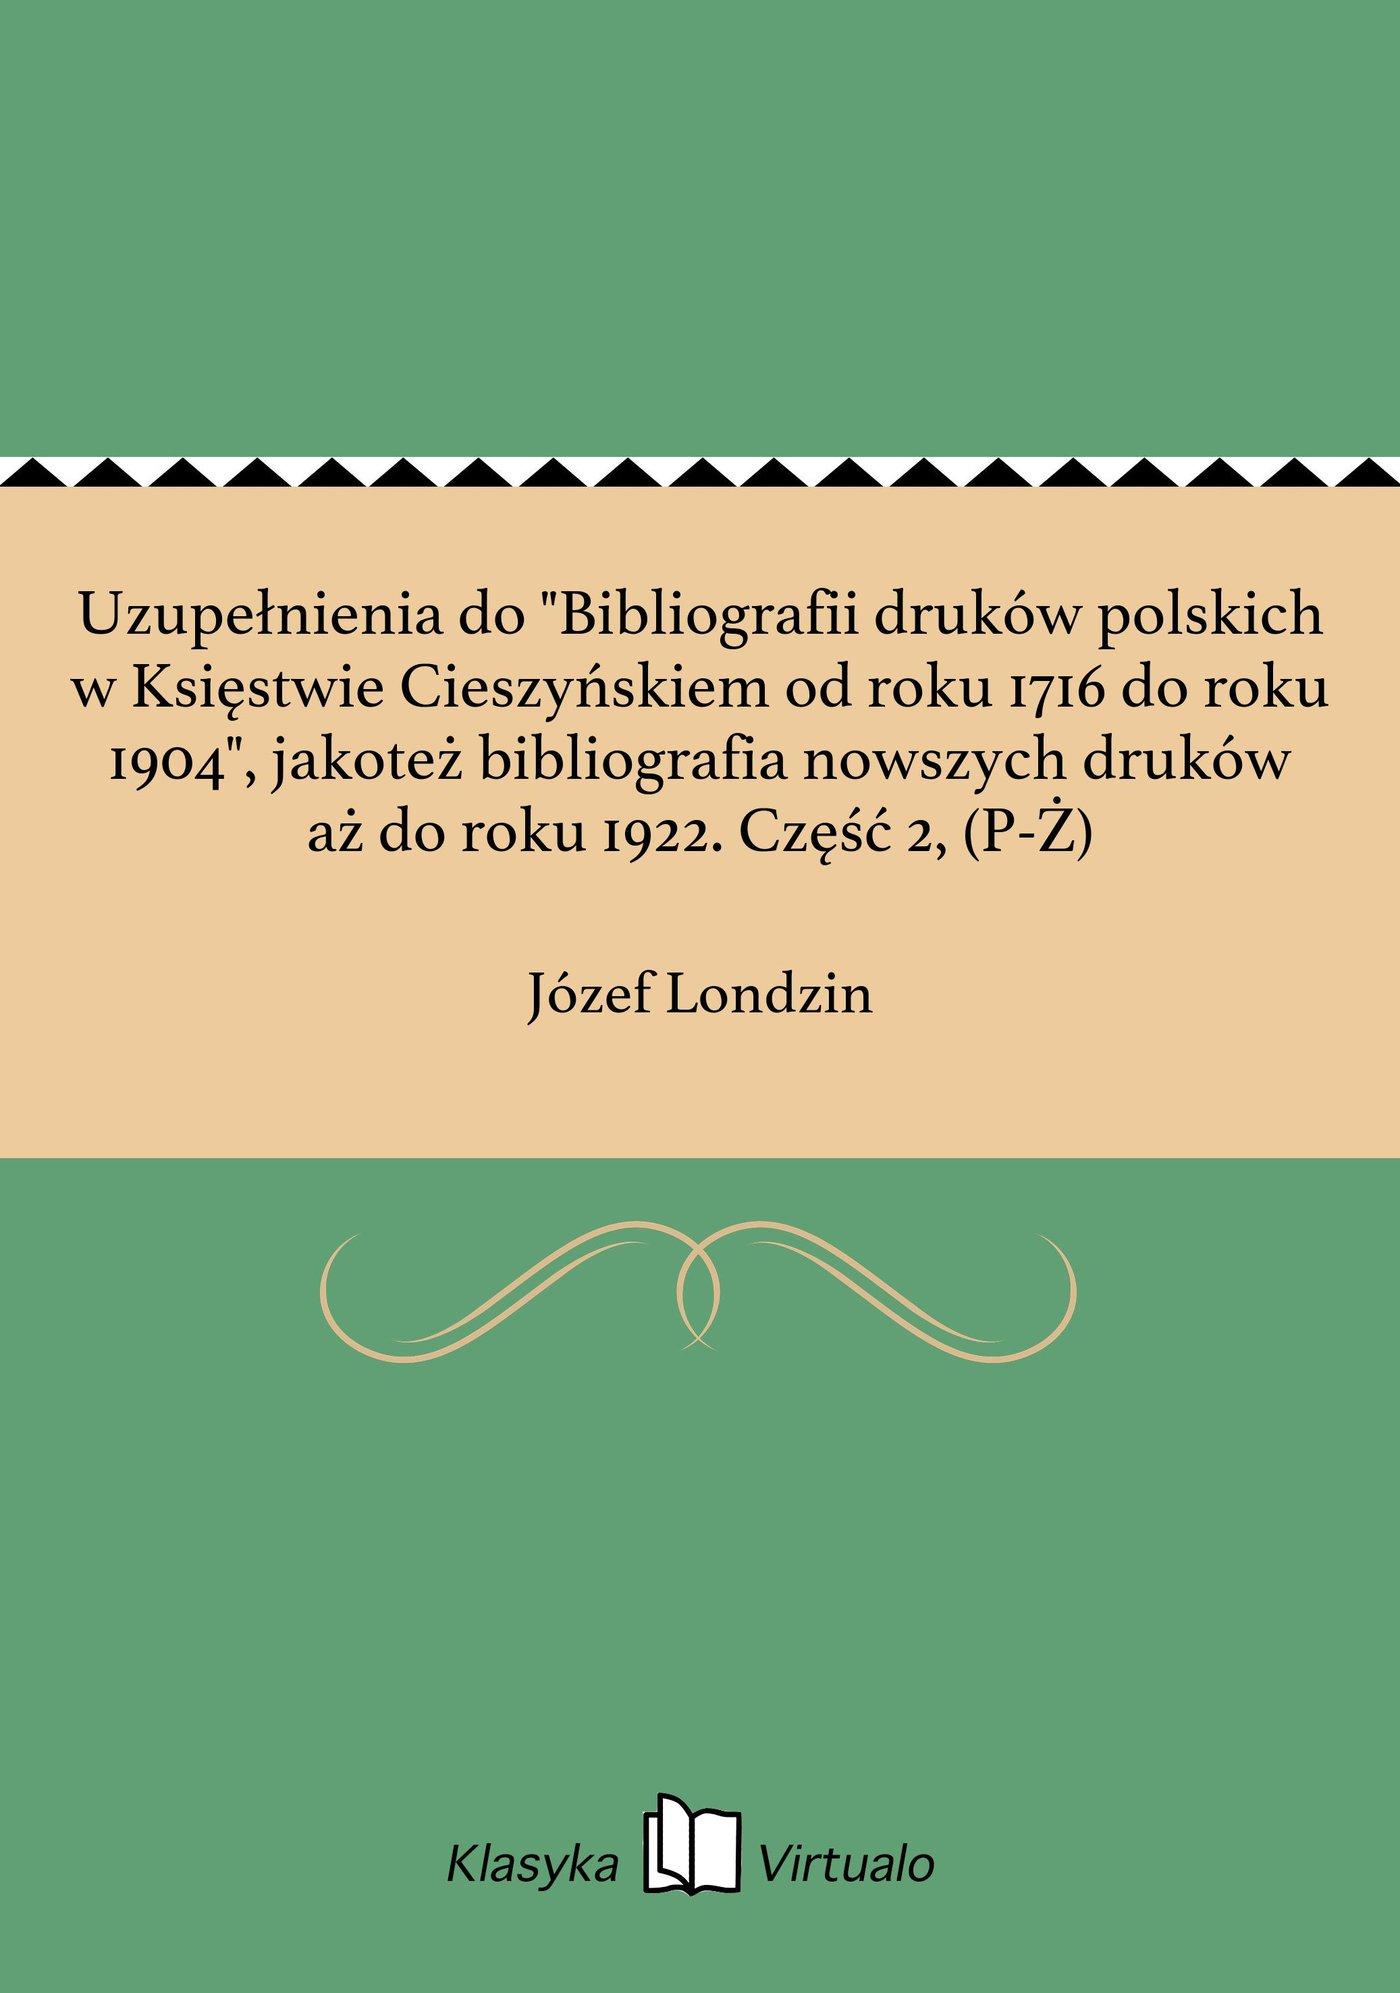 """Uzupełnienia do """"Bibliografii druków polskich w Księstwie Cieszyńskiem od roku 1716 do roku 1904"""", jakoteż bibliografia nowszych druków aż do roku 1922. Część 2, (P-Ż) - Ebook (Książka na Kindle) do pobrania w formacie MOBI"""